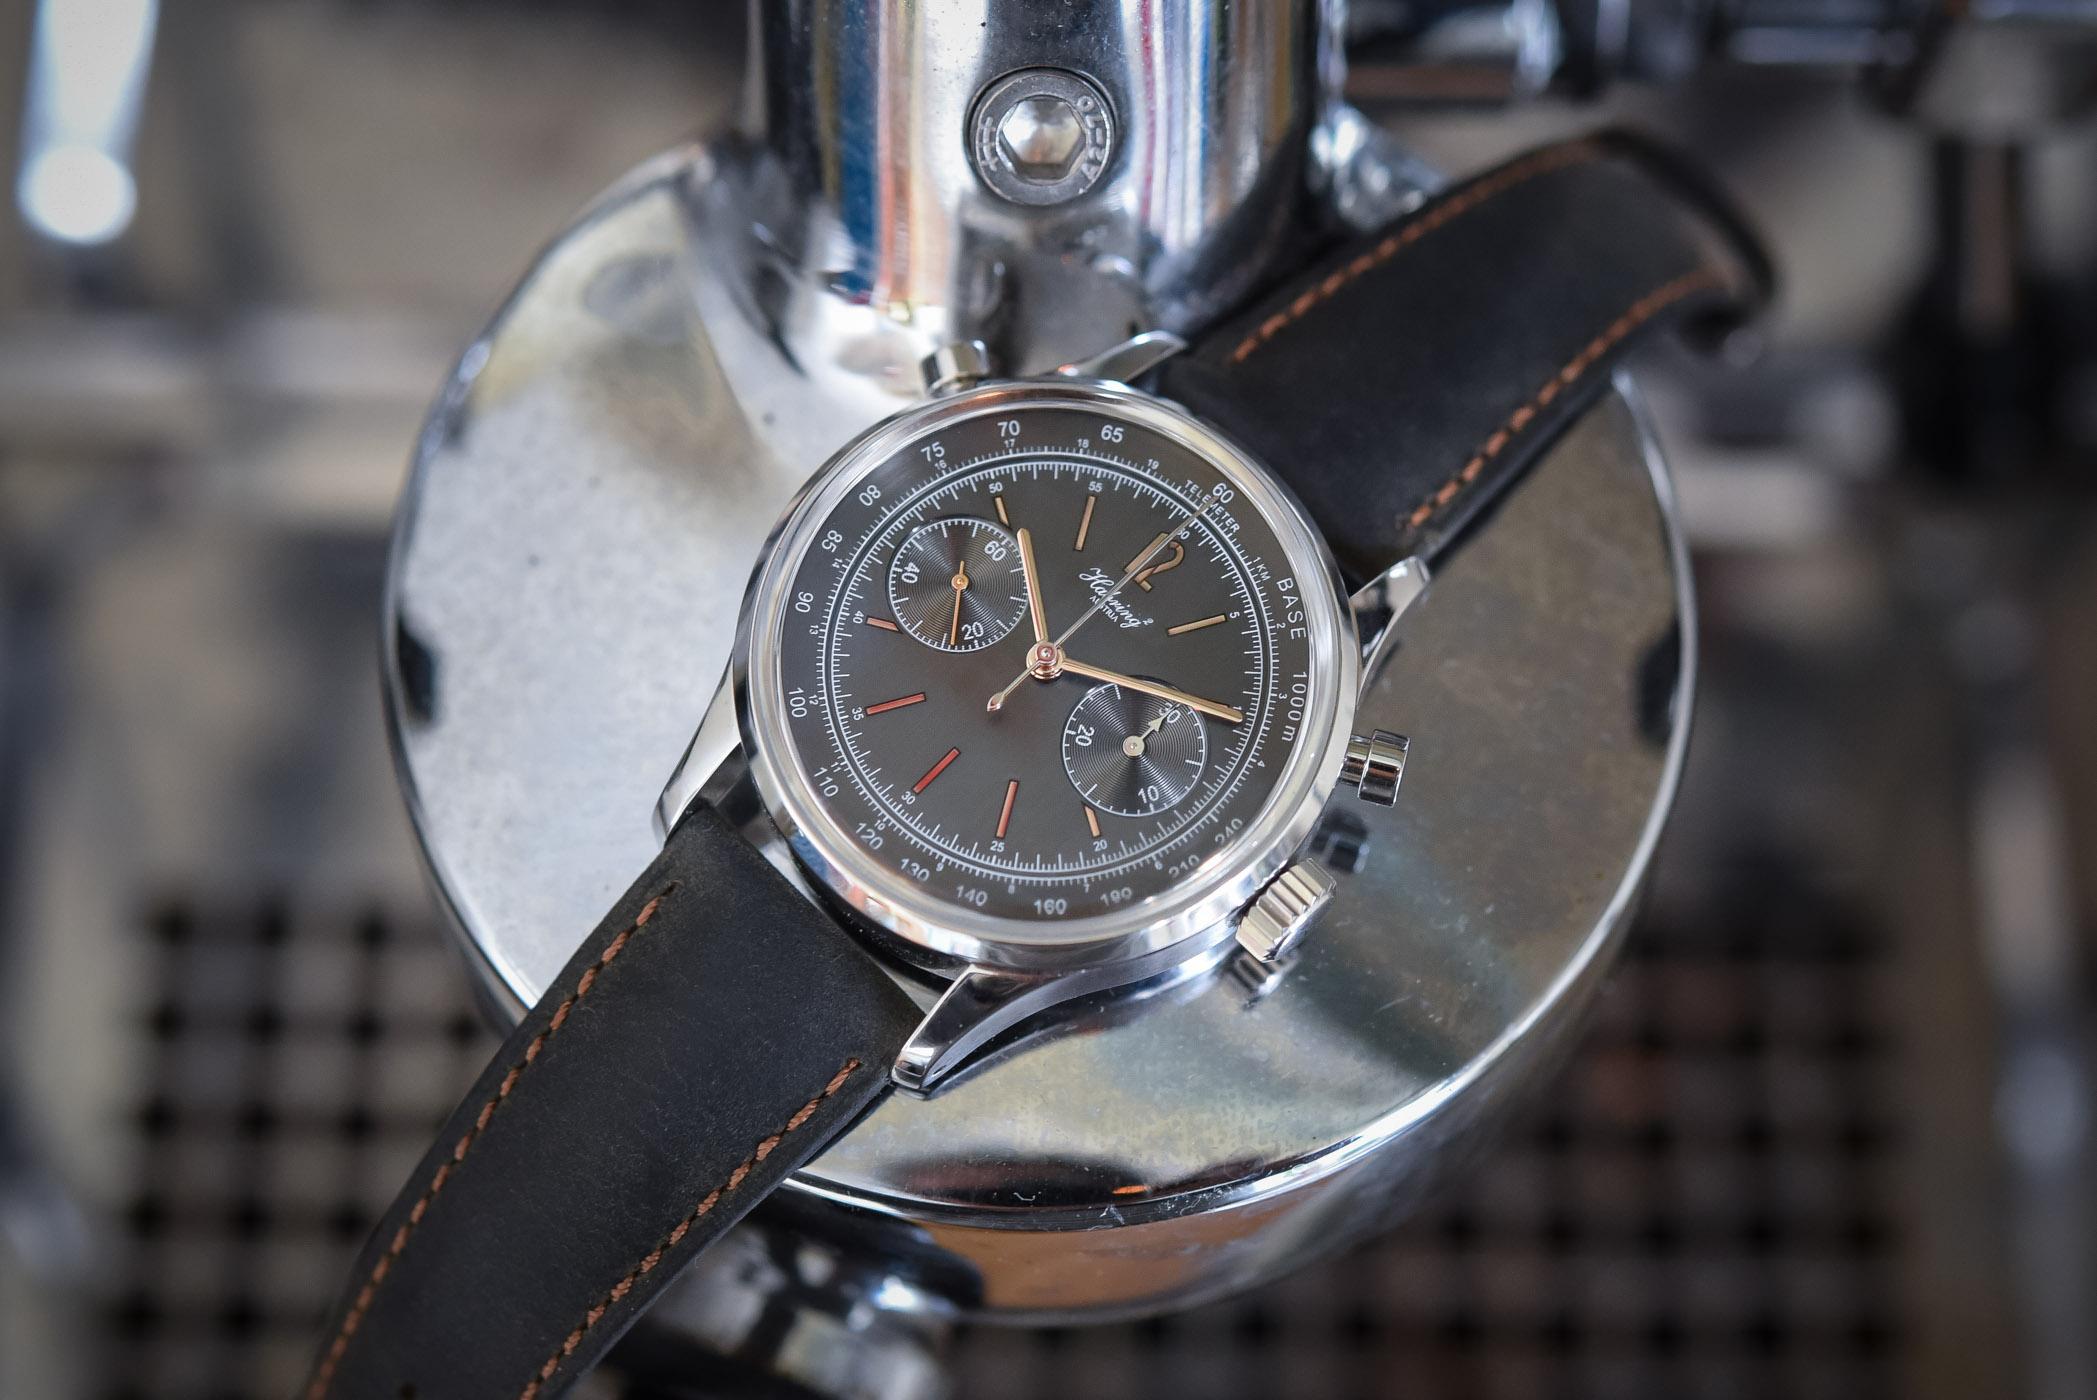 Habring2 Doppel-Felix split-seconds doppelchronograph - review